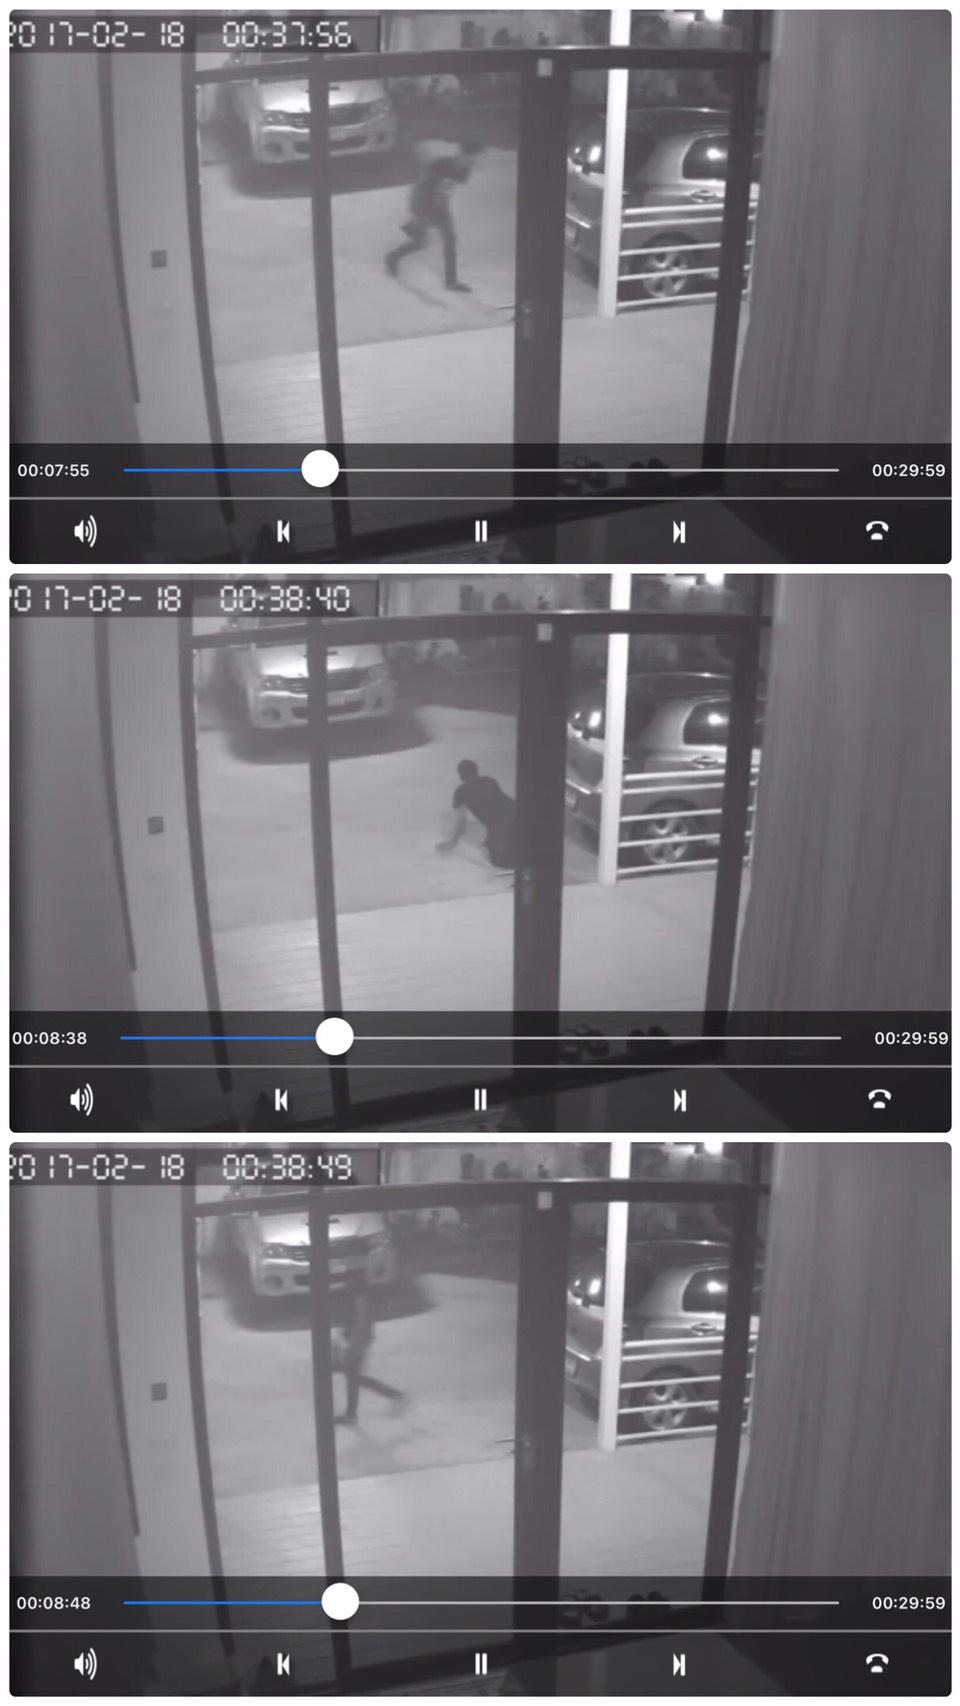 ภาพเหตุการณ์, โจรขโมย, กล้องวงจรปิด, ปกป้องบ้าน, กล้องกันขโมย, ไซเรน, IPcamera, motion sensor, evidence, abt, abthomesmart, WiFicamera, ABG